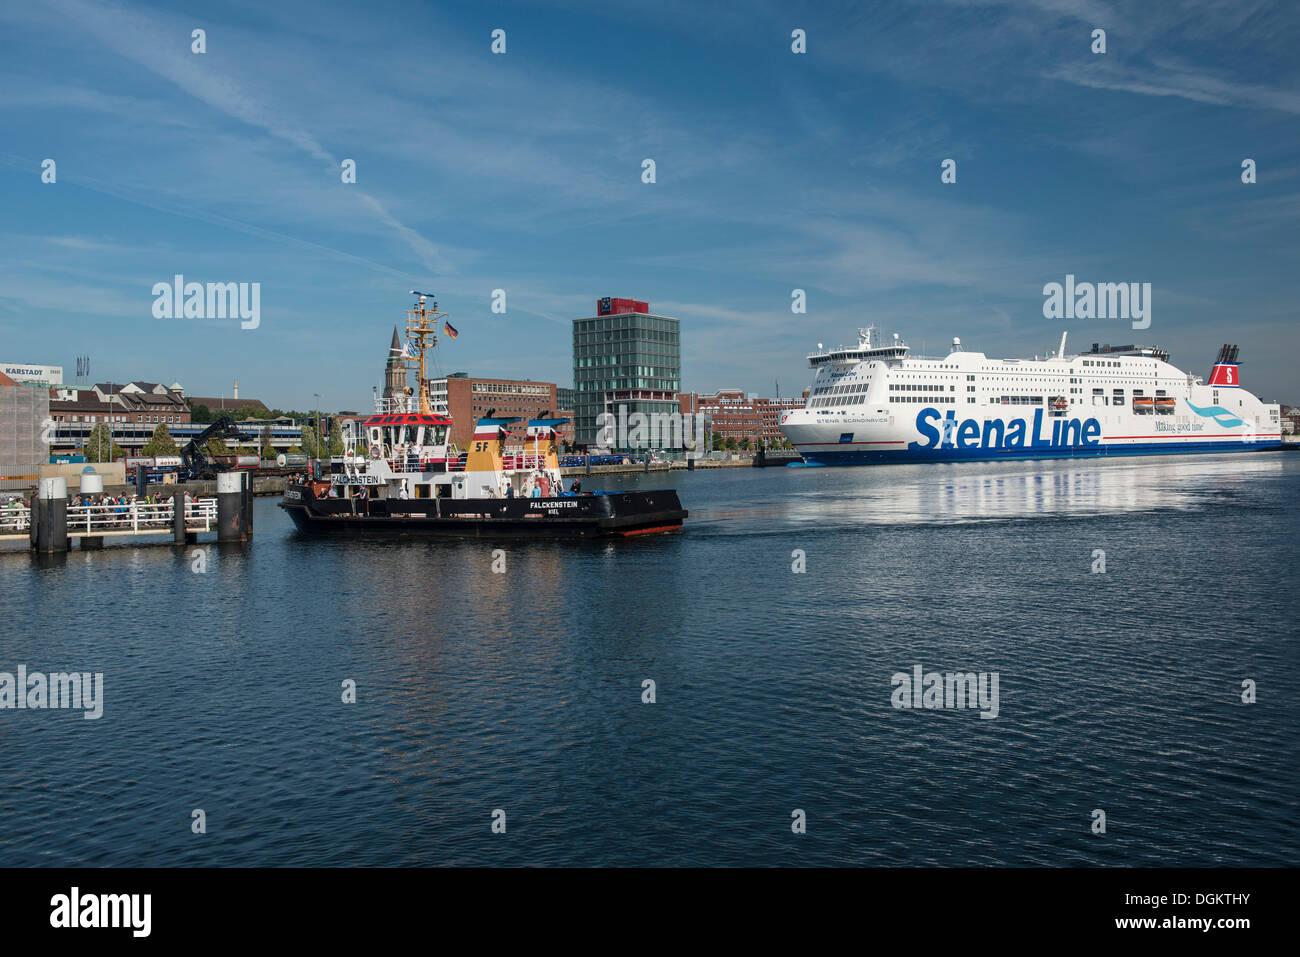 Fjord de Kiel sur le port, quai des ferries, bâtiment et l'Ibis Rostock Am Stadthafen Kiel Stena Line ferries international, dock, Kiel Photo Stock